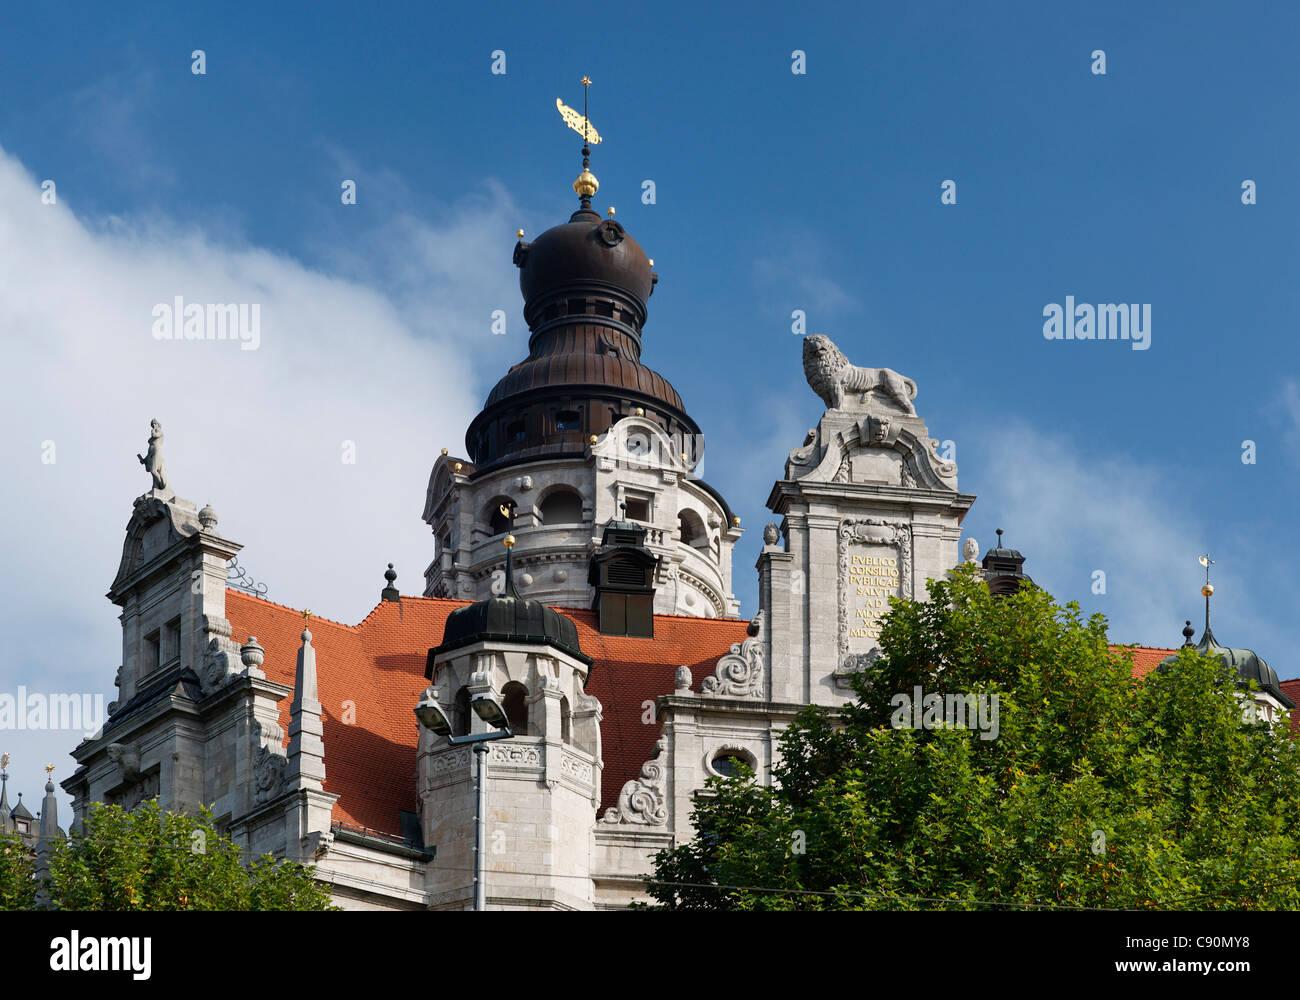 Neues Rathaus, Architekt Hugo Licht, Leipzig, Sachsen, Deutschland Stockbild